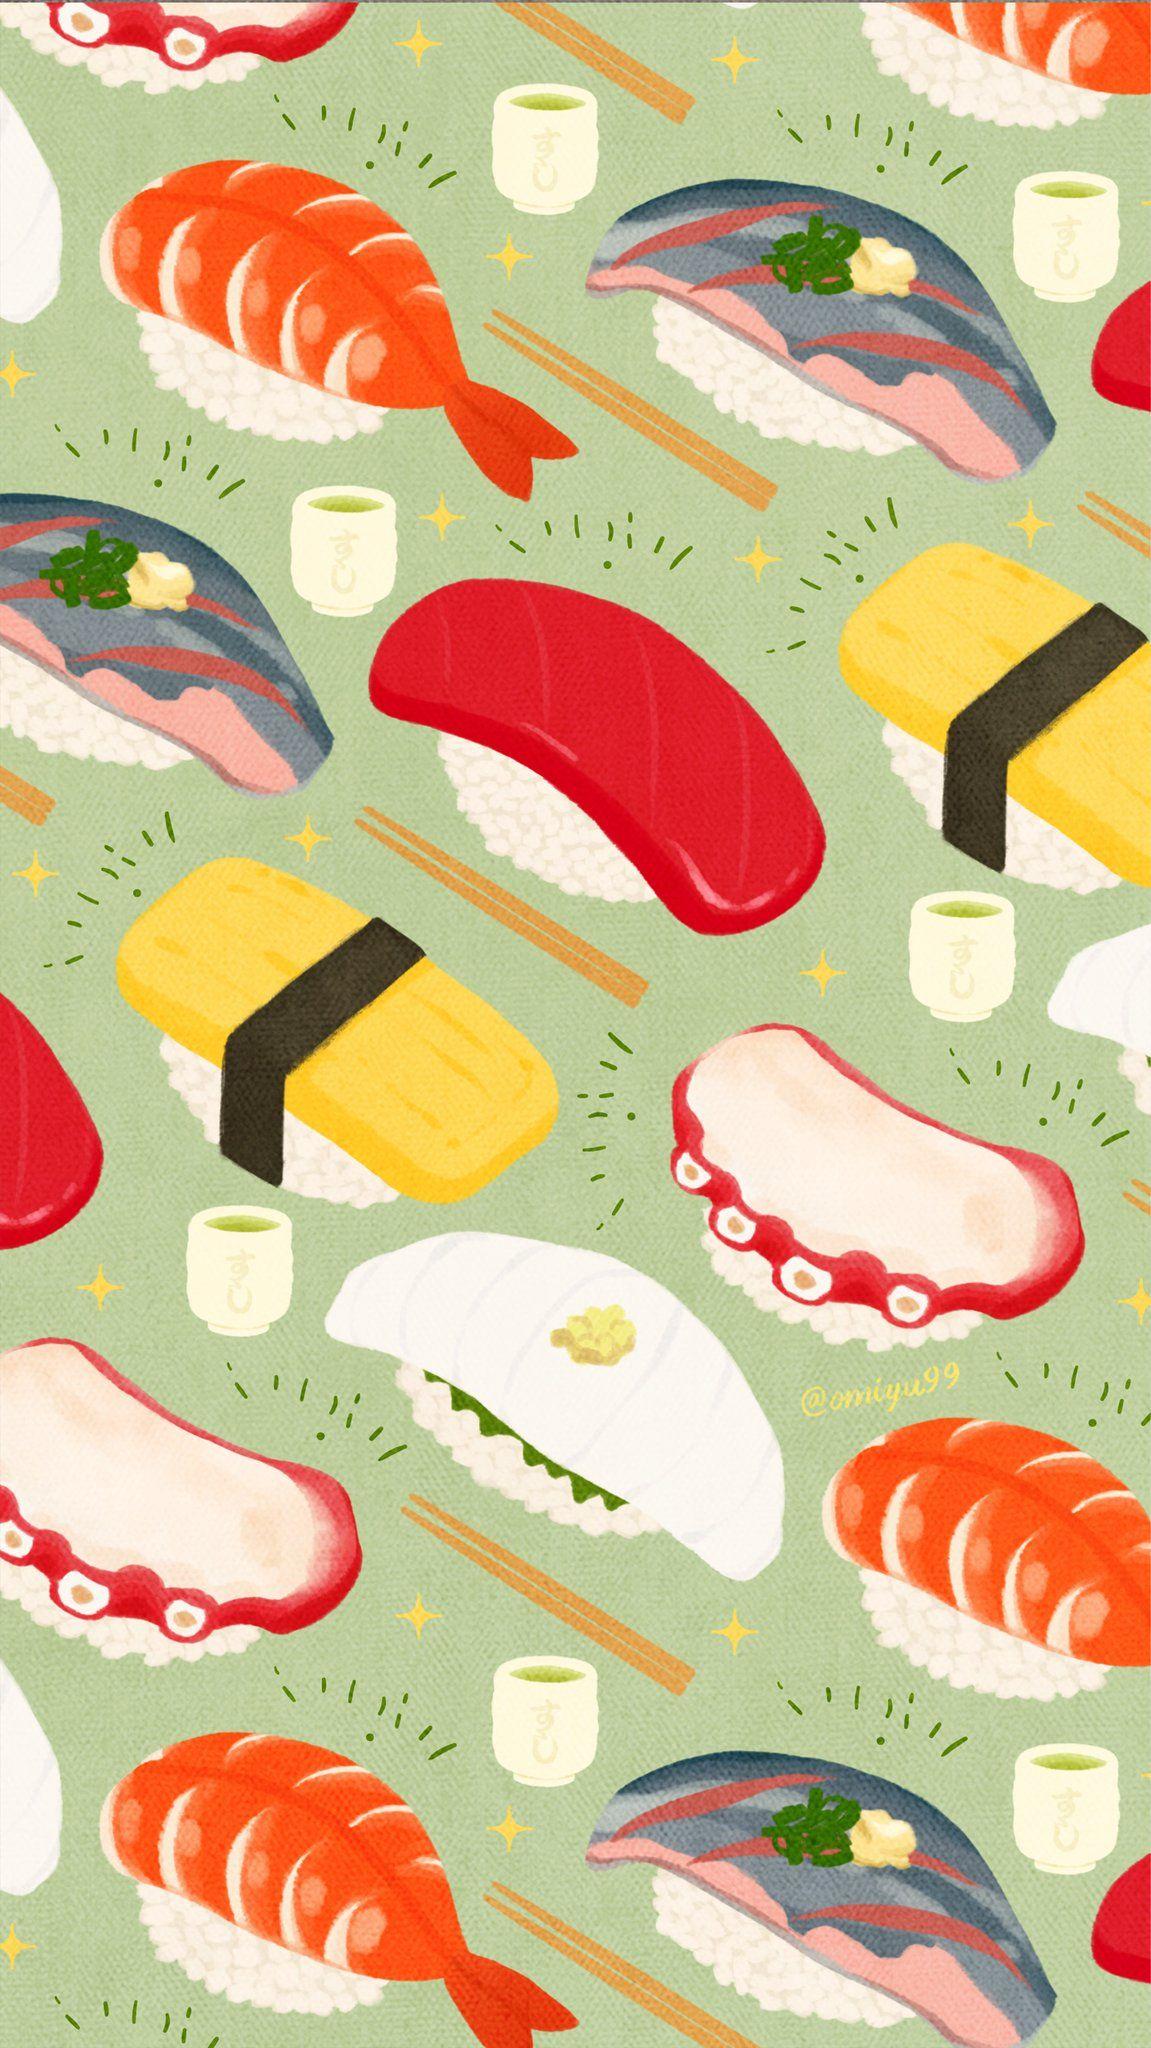 ジャニ 壁紙 寿司 関 お